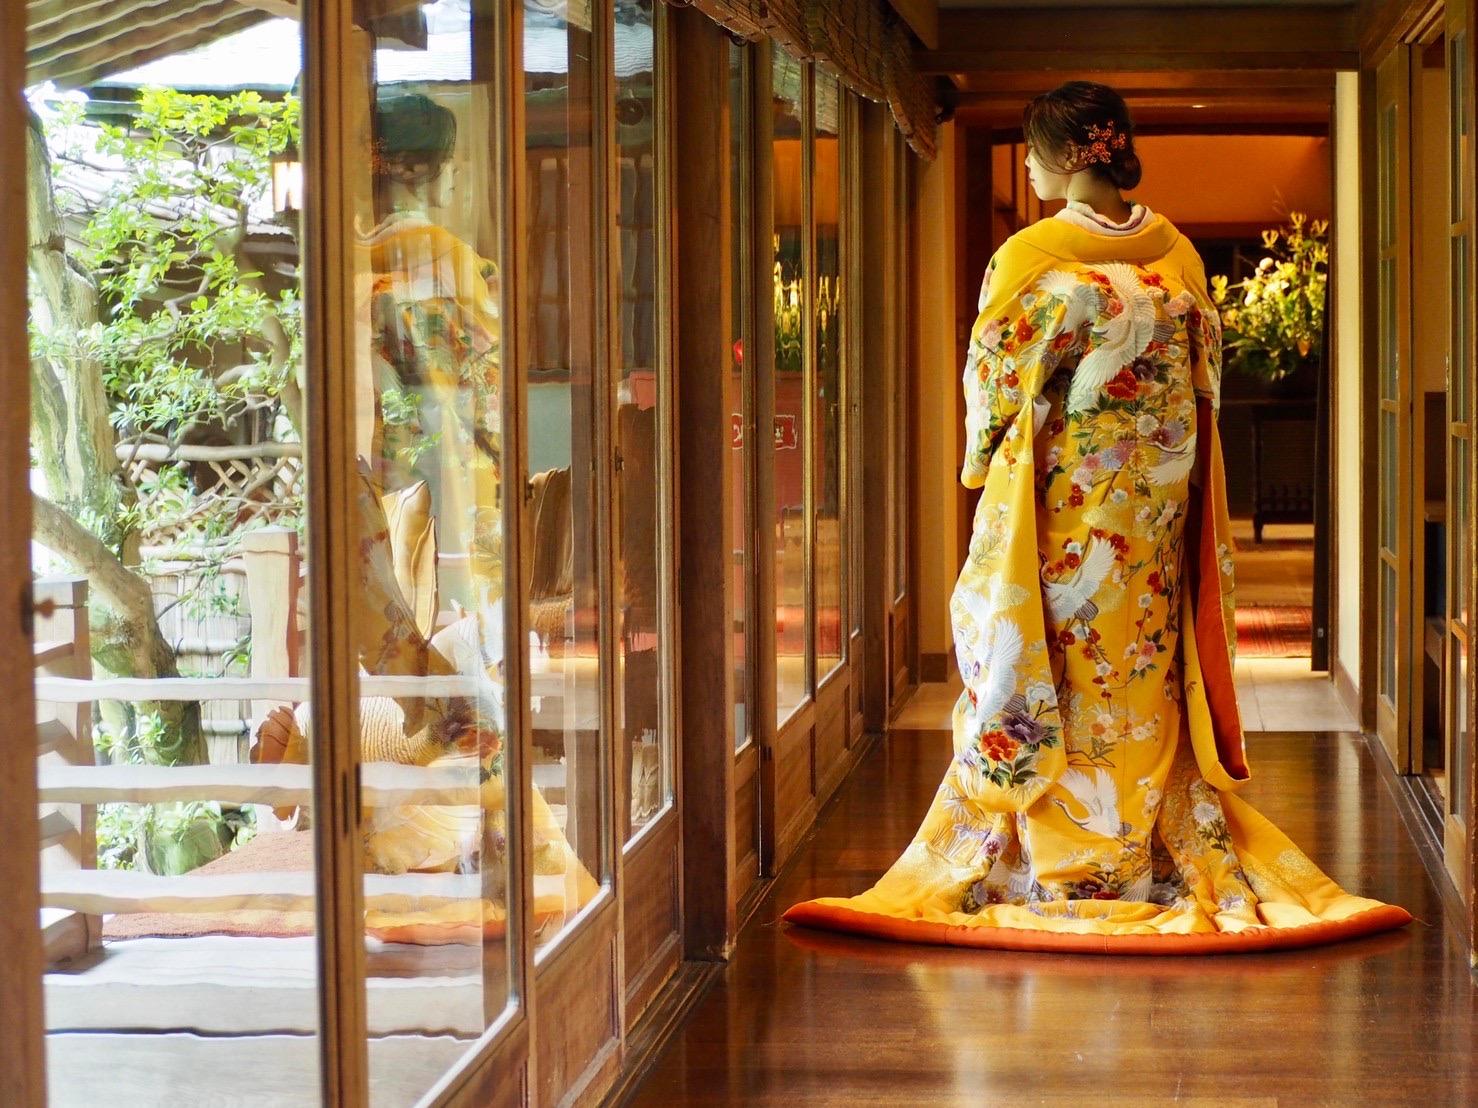 ザ・トリートドレッシング神戸店が提携している蘇州園にあうコーディネートのご紹介